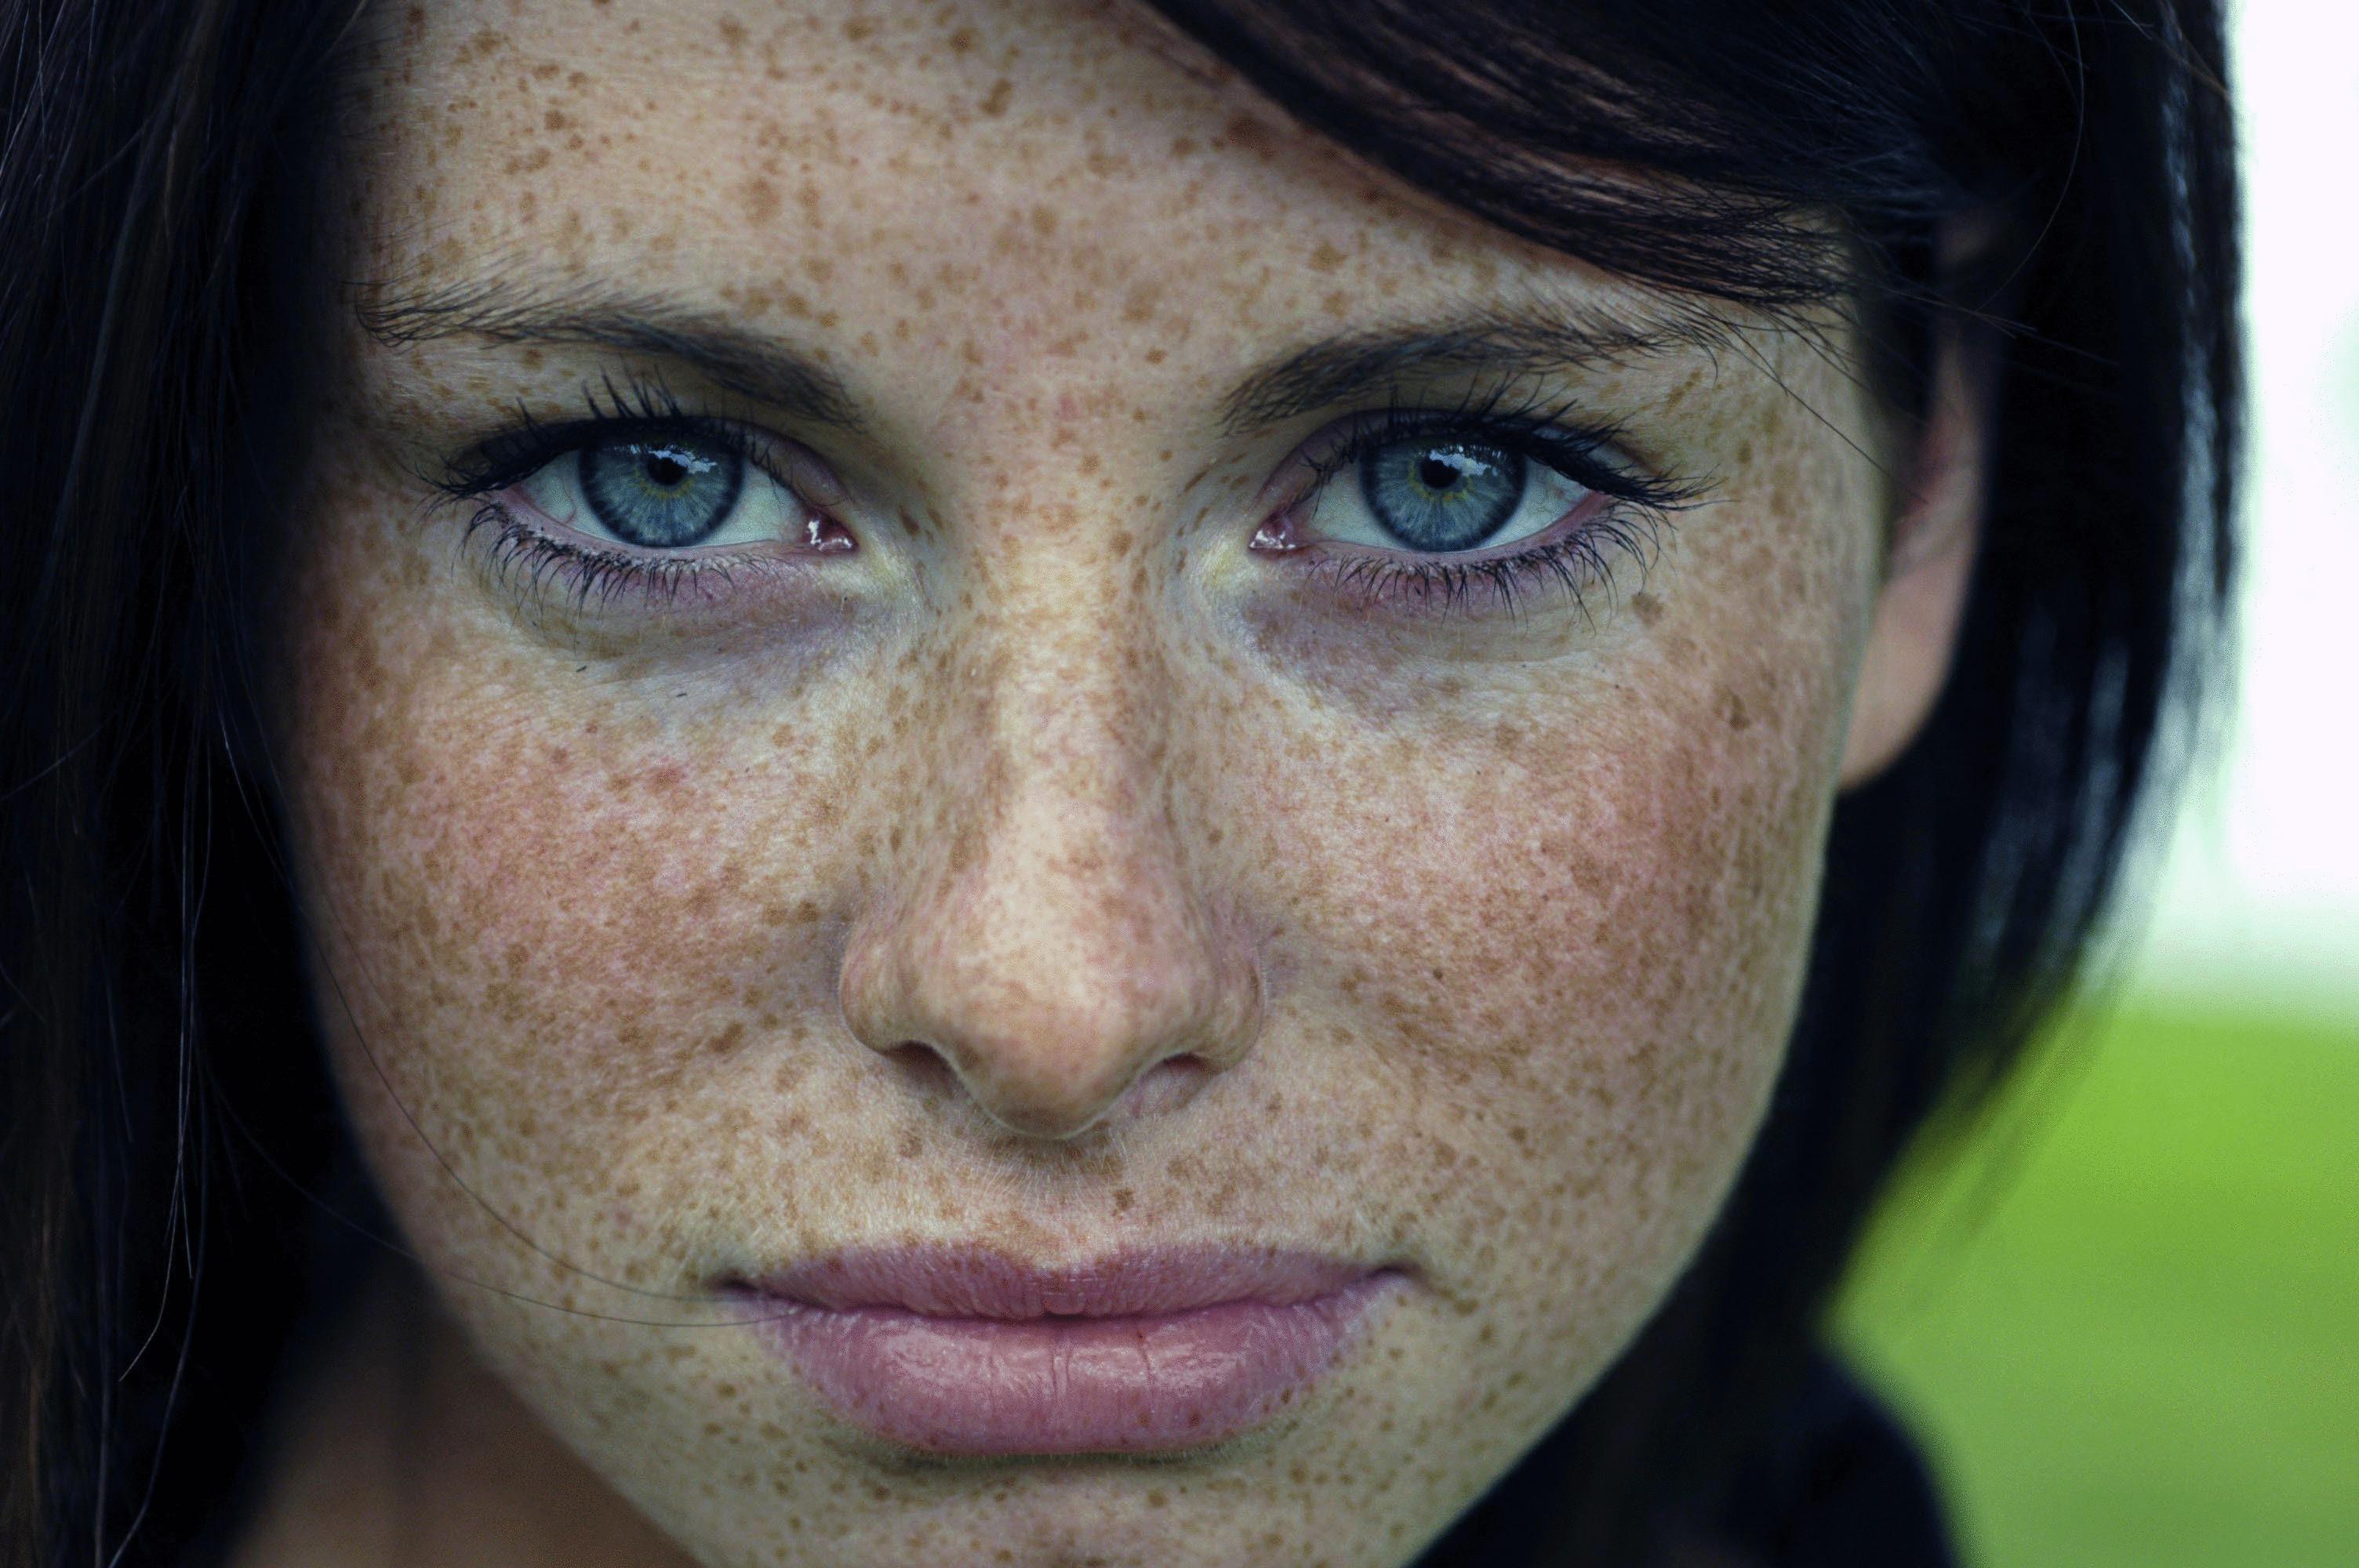 У девочки покраснение на писе 16 фотография